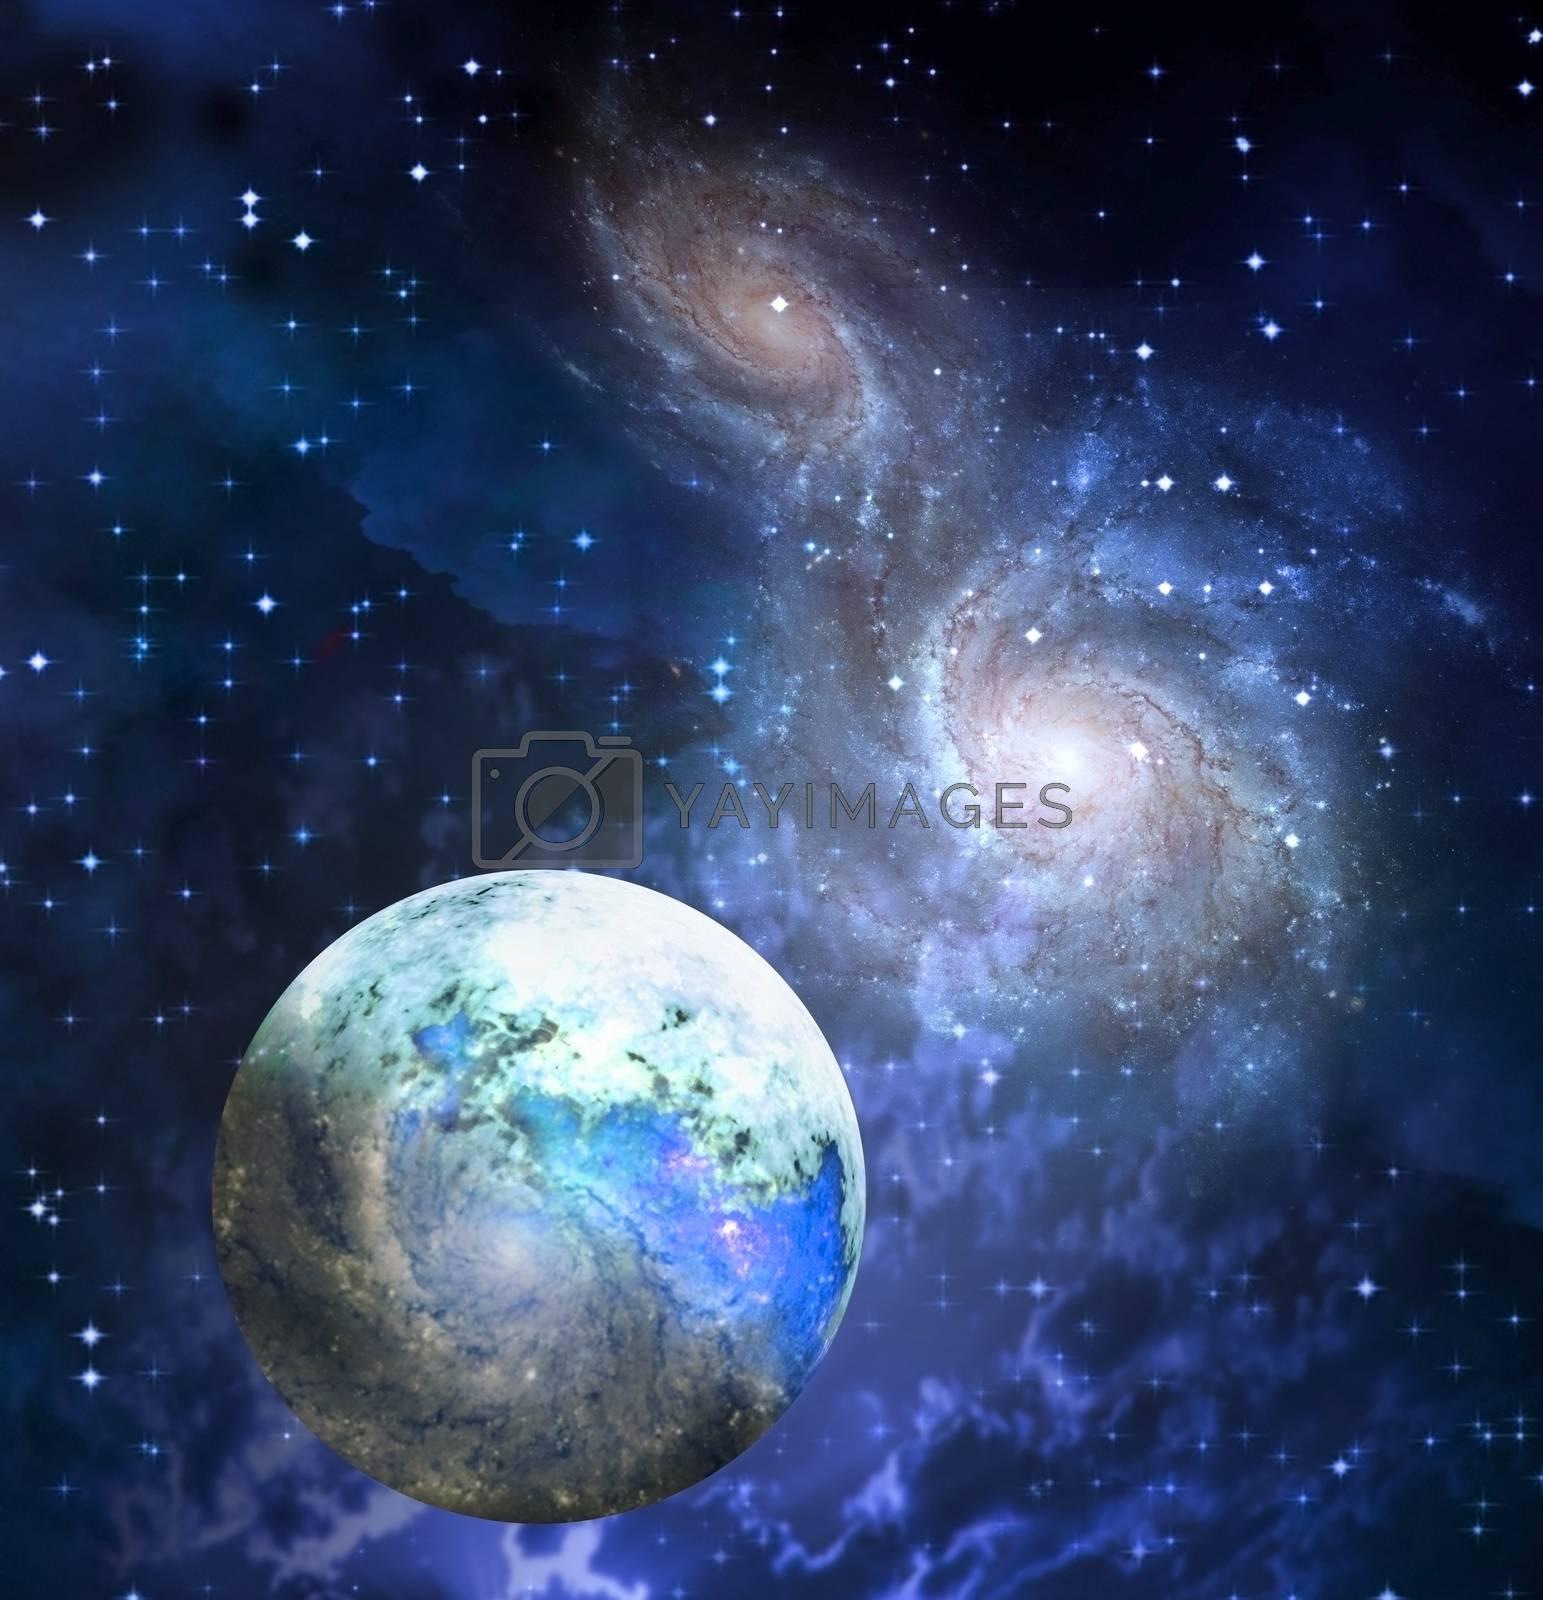 Exoplanet in space. 3D rendering